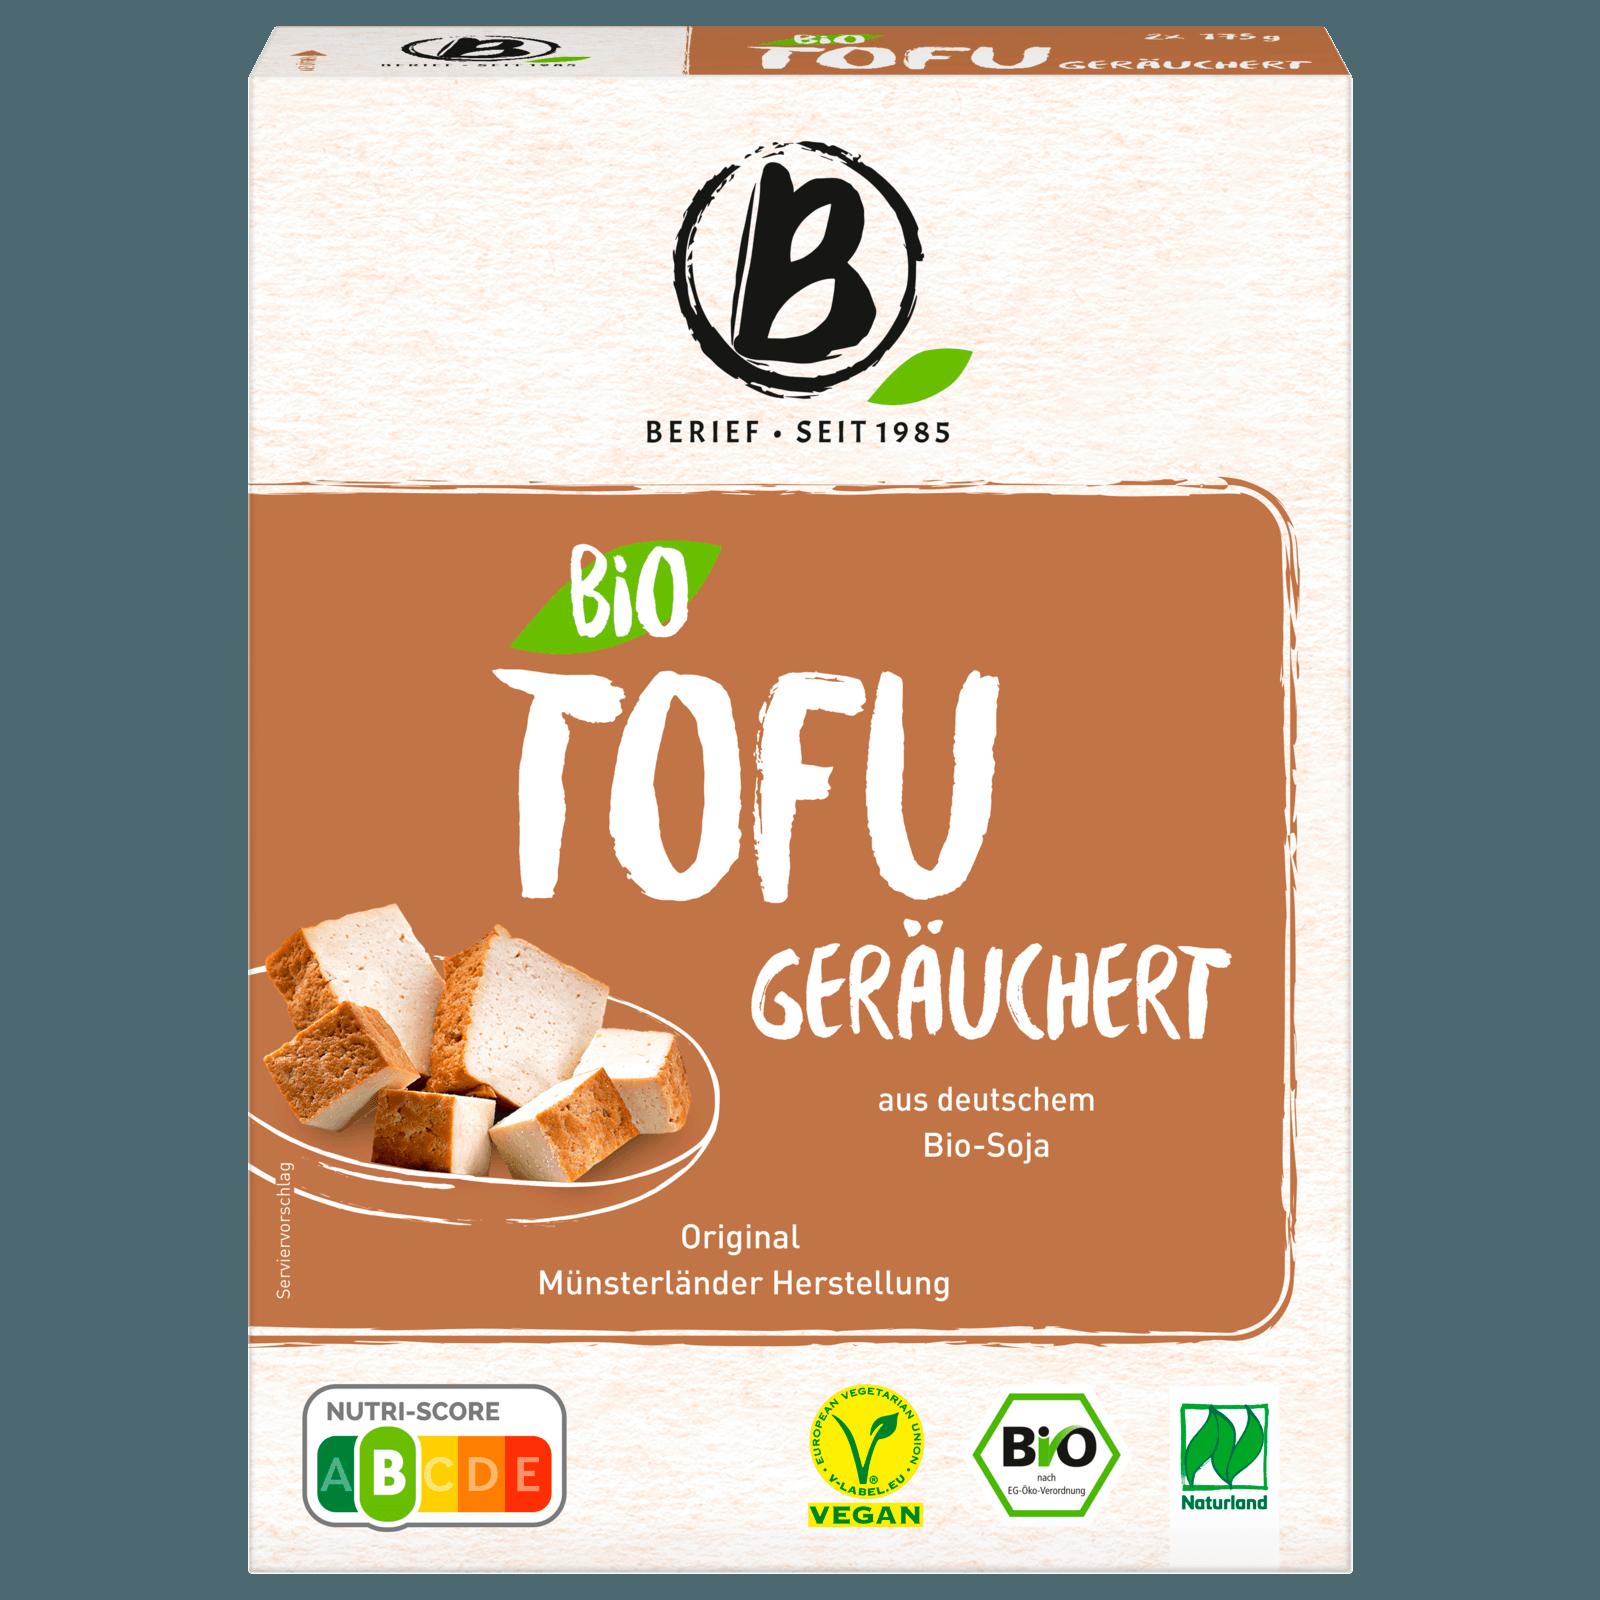 Verzauberkunst Tofu Nährwerte Referenz Von